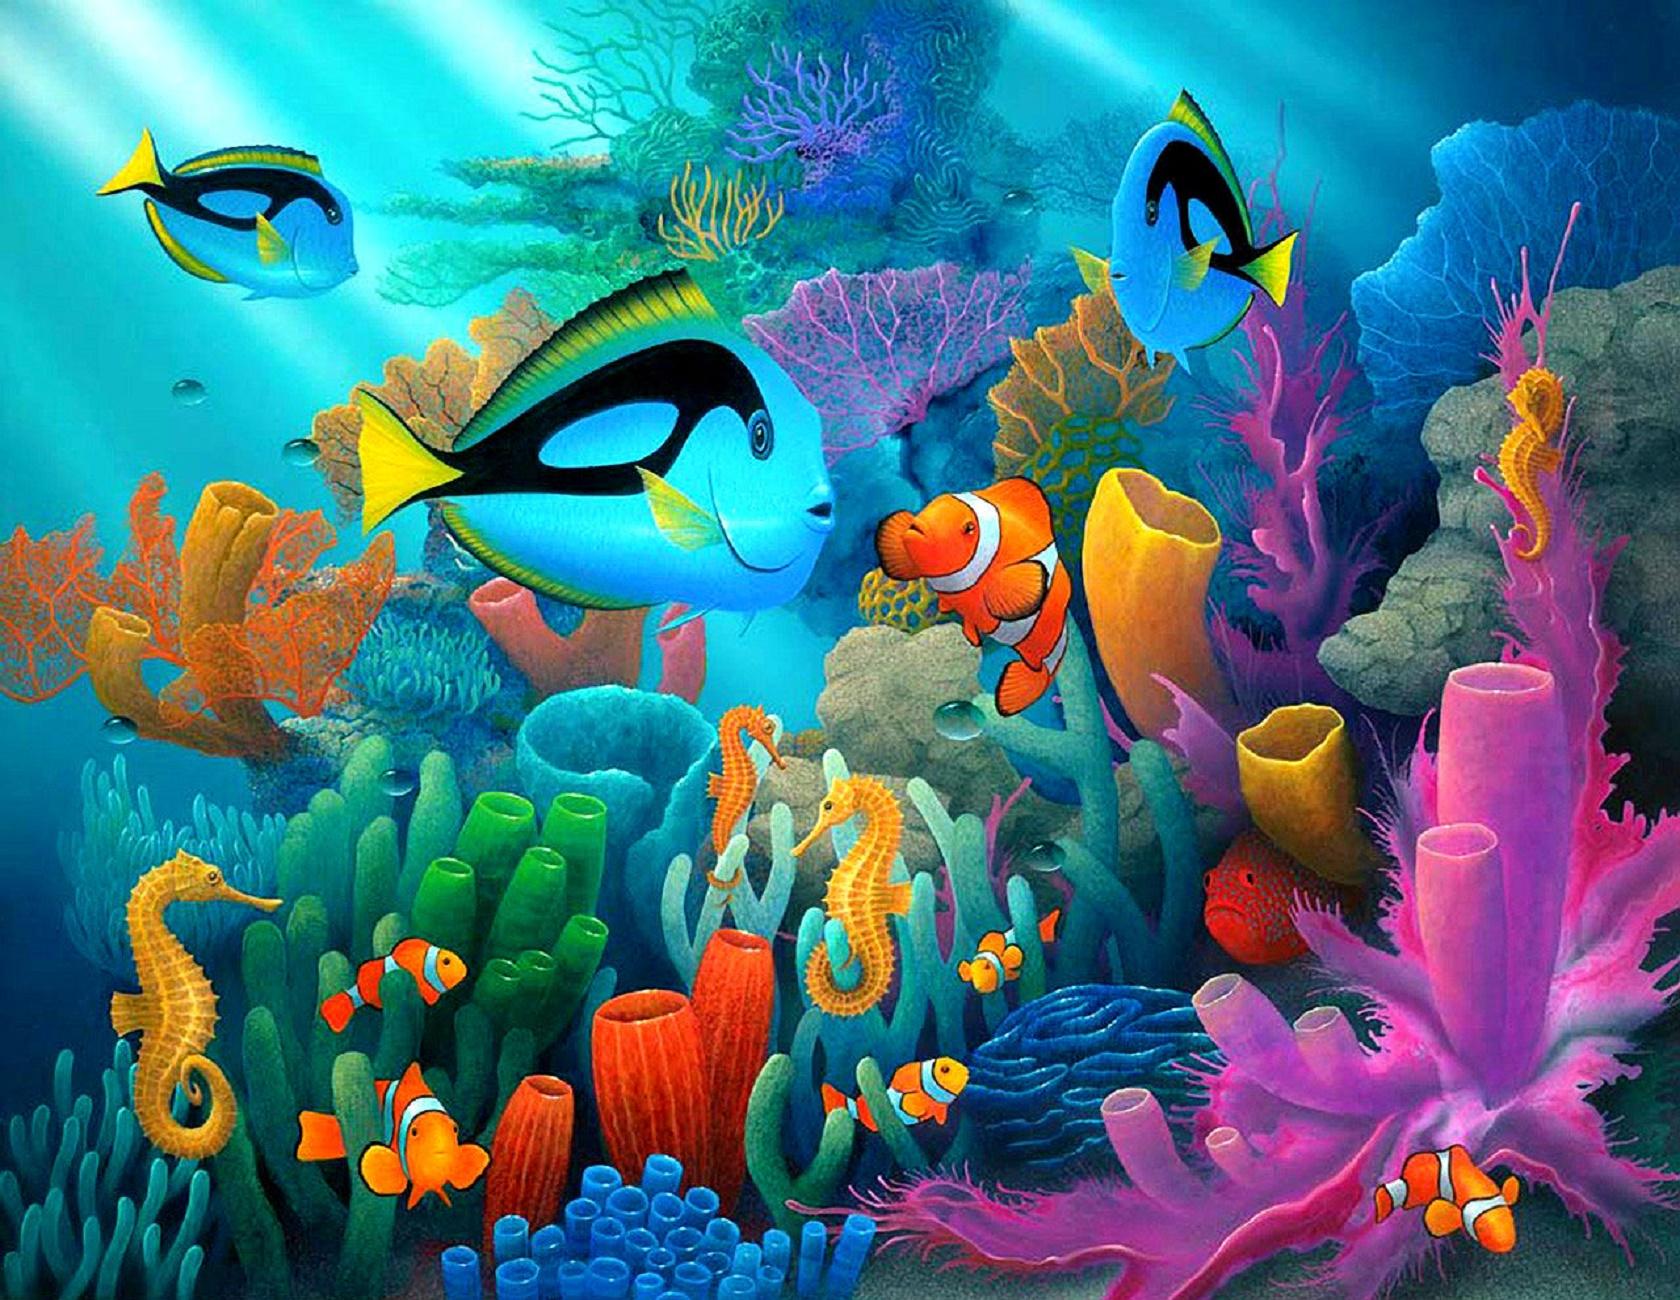 Картинки подводного мира для детей, учителю музыки